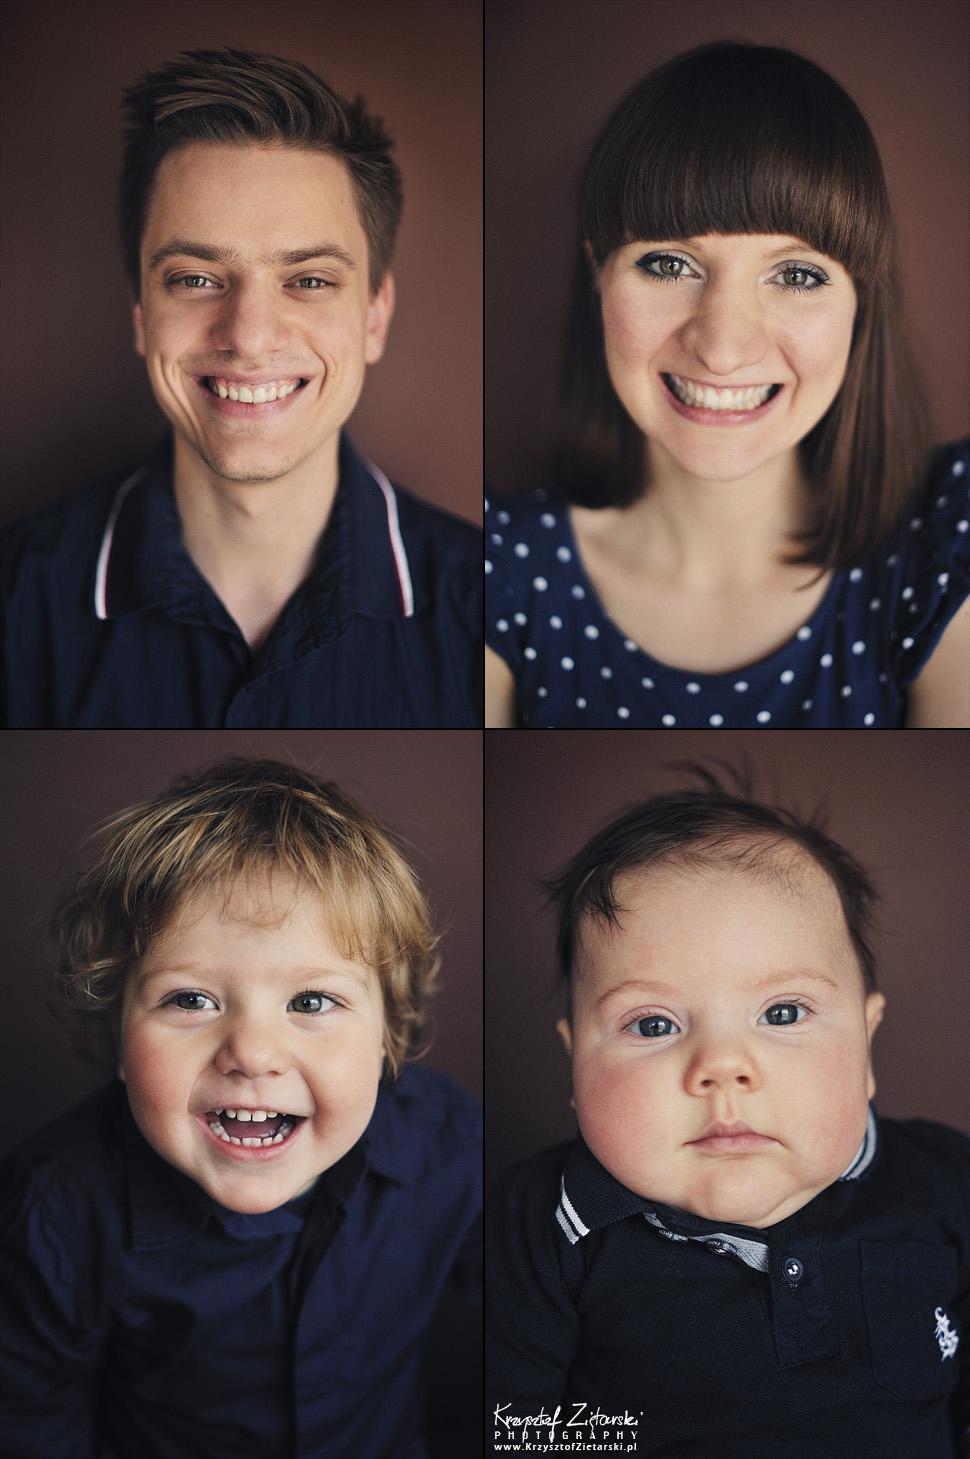 Rodzinne portrety - fotografia rodzinna Gdańsk, Gdynia, Sopot, Trójmiasto